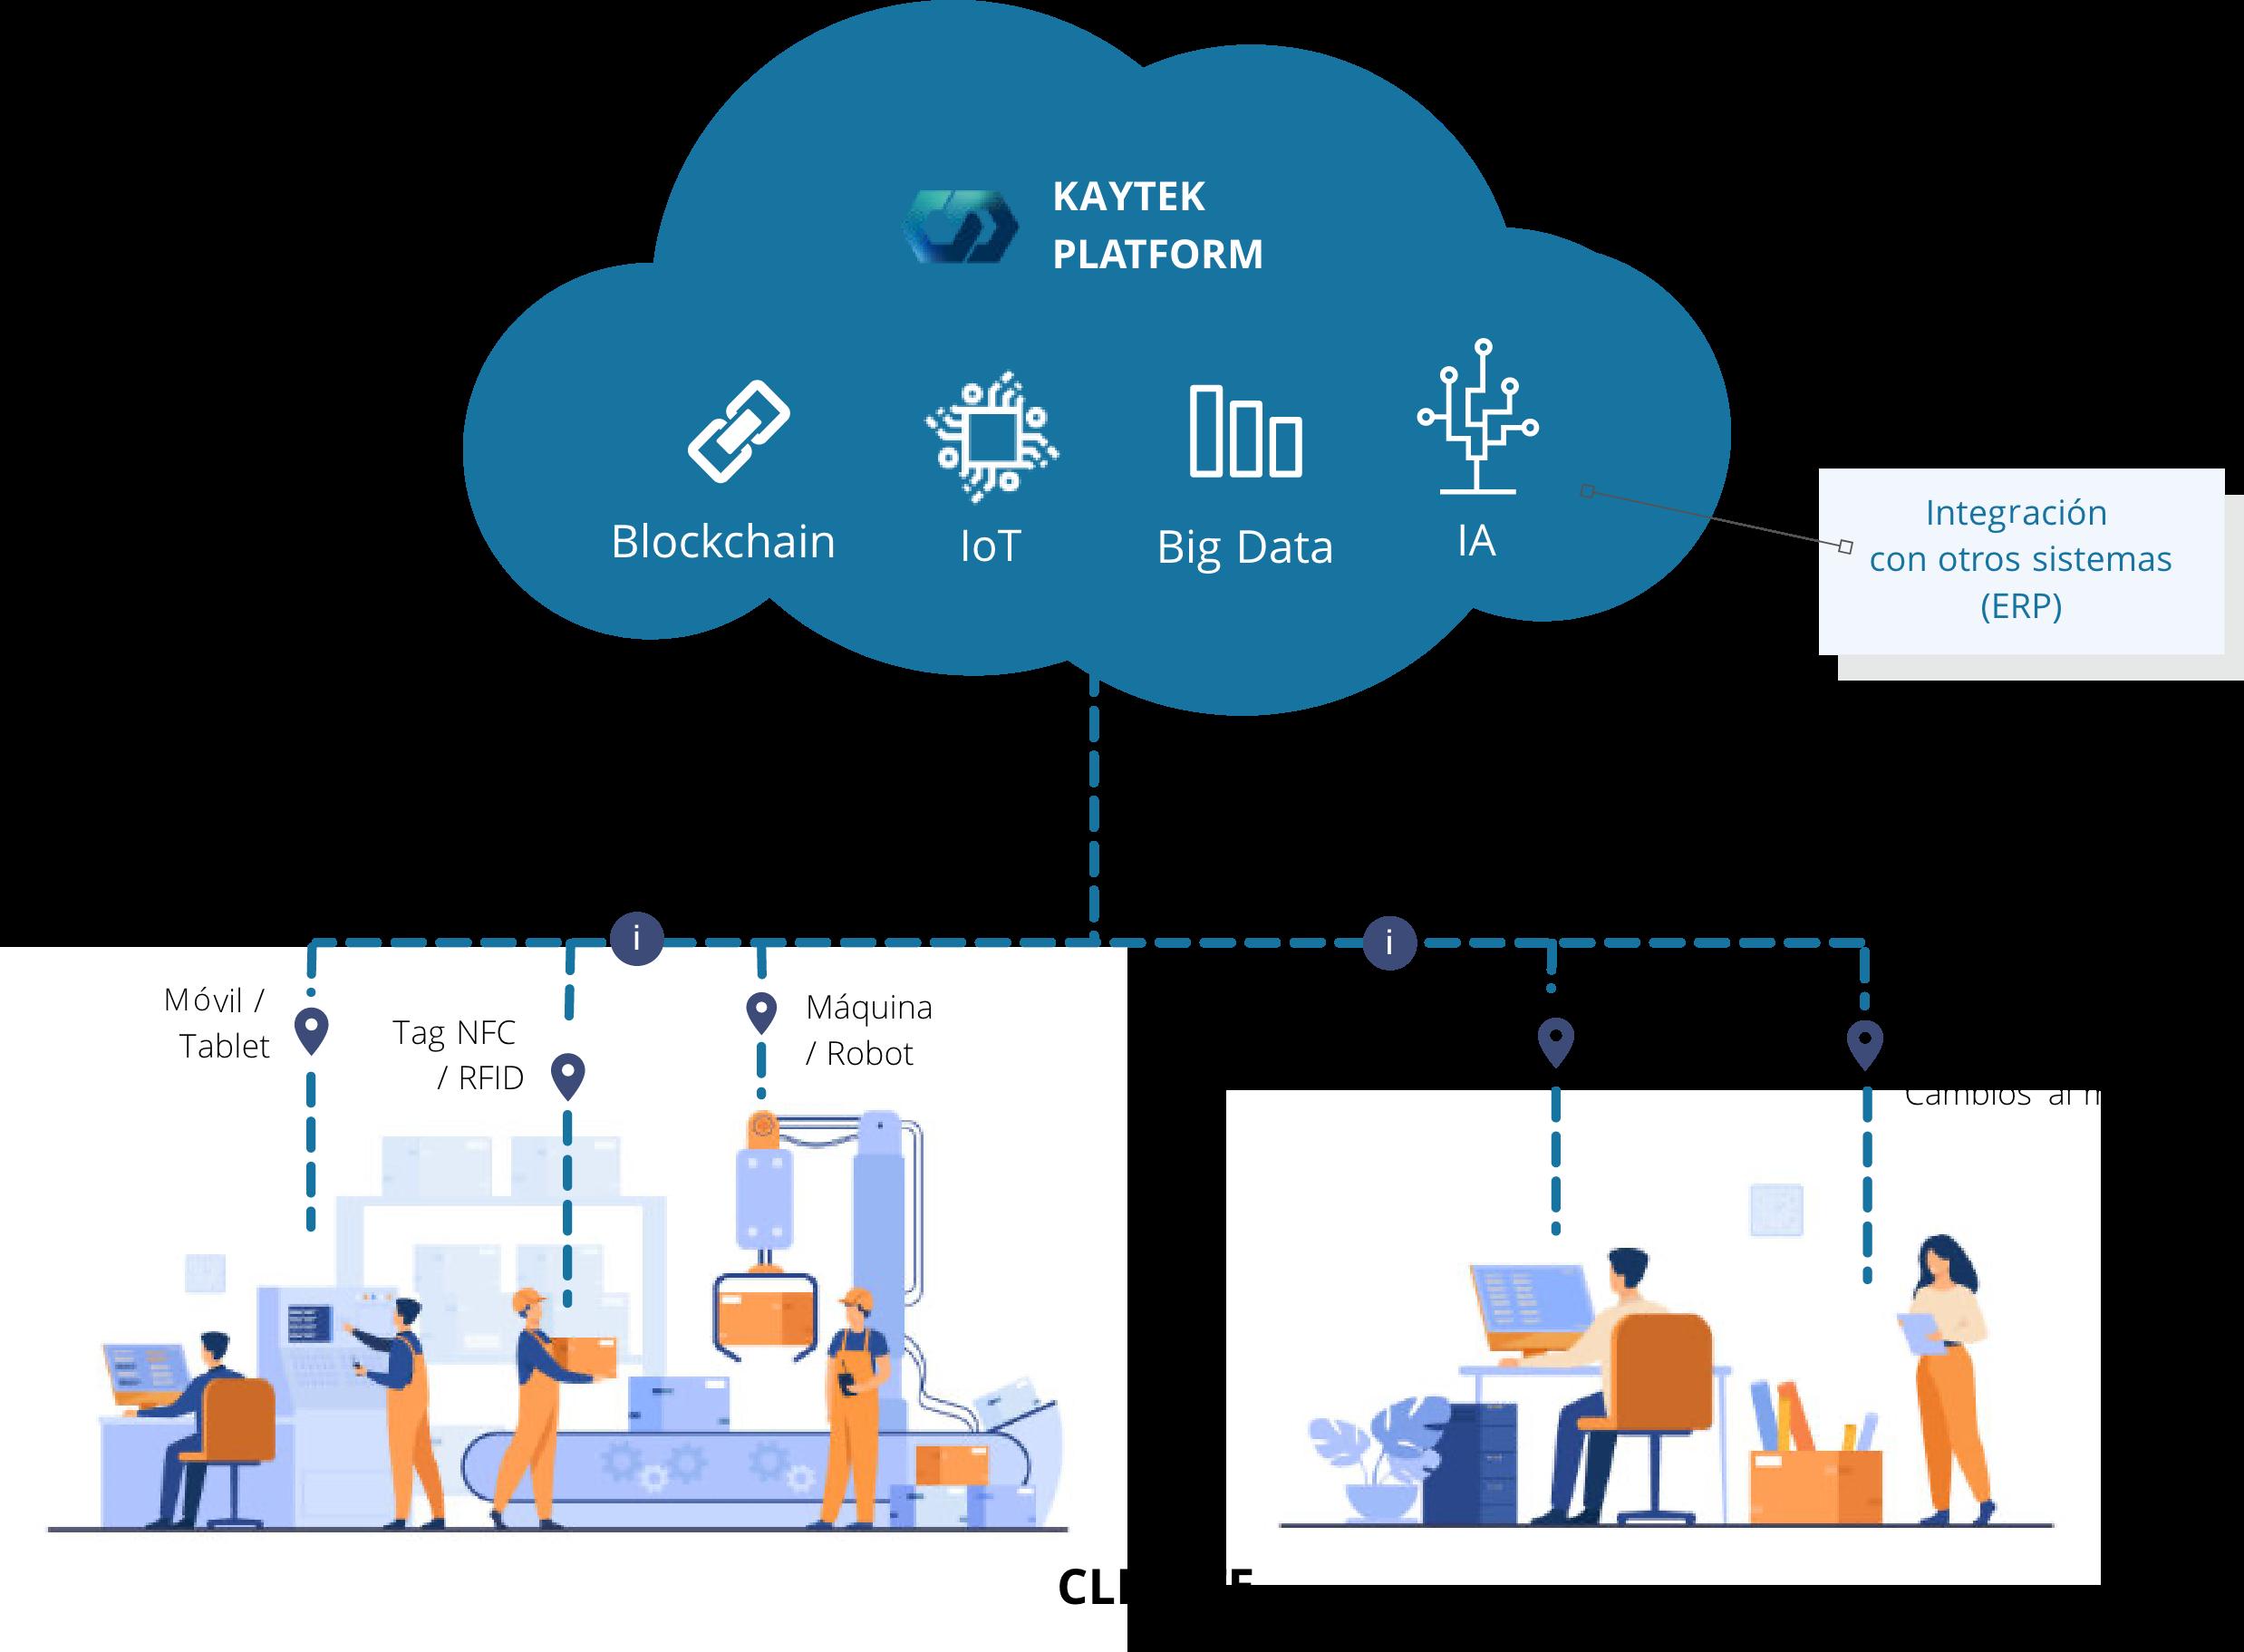 Nuestra plataforma se basa en blockchain, IoT, Big Data y IA